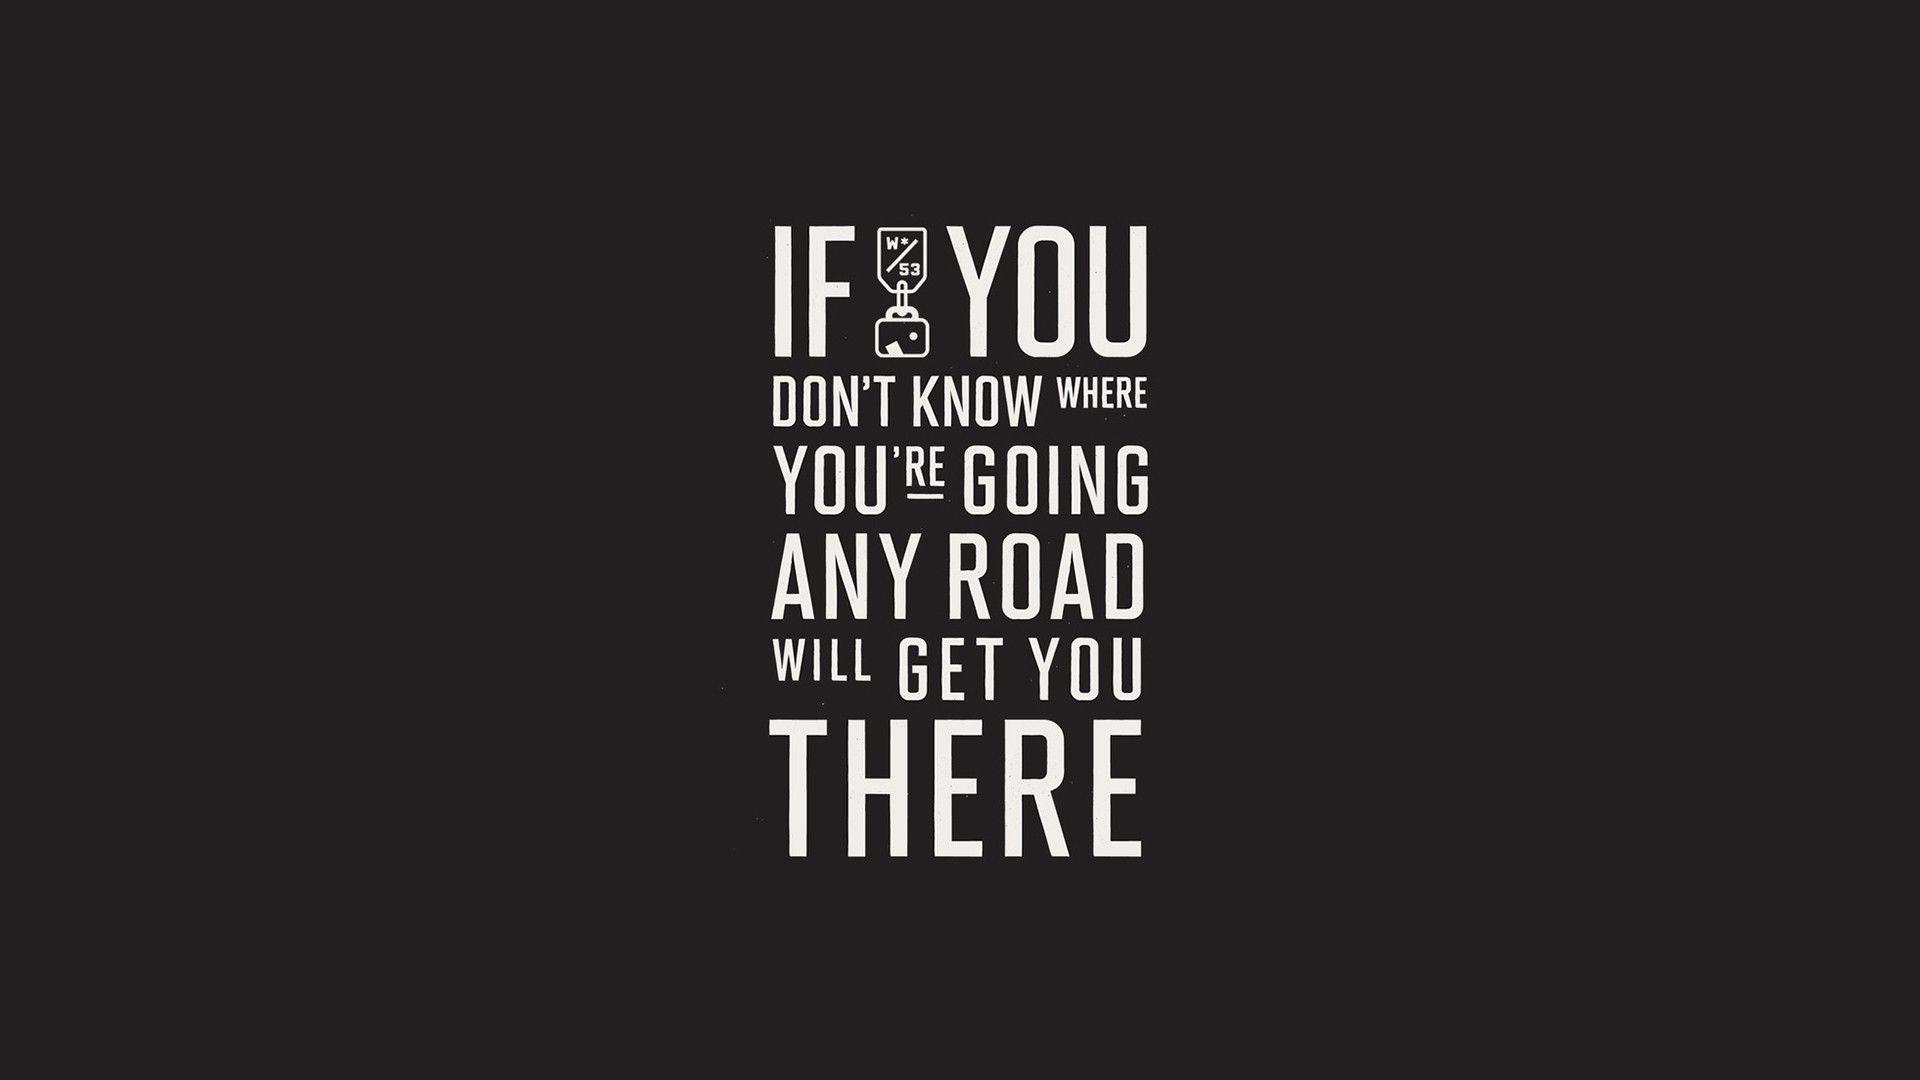 Yunita Zara On Twitter Inspirational Quotes Wallpapers Motivational Quotes Wallpaper Wallpaper Quotes